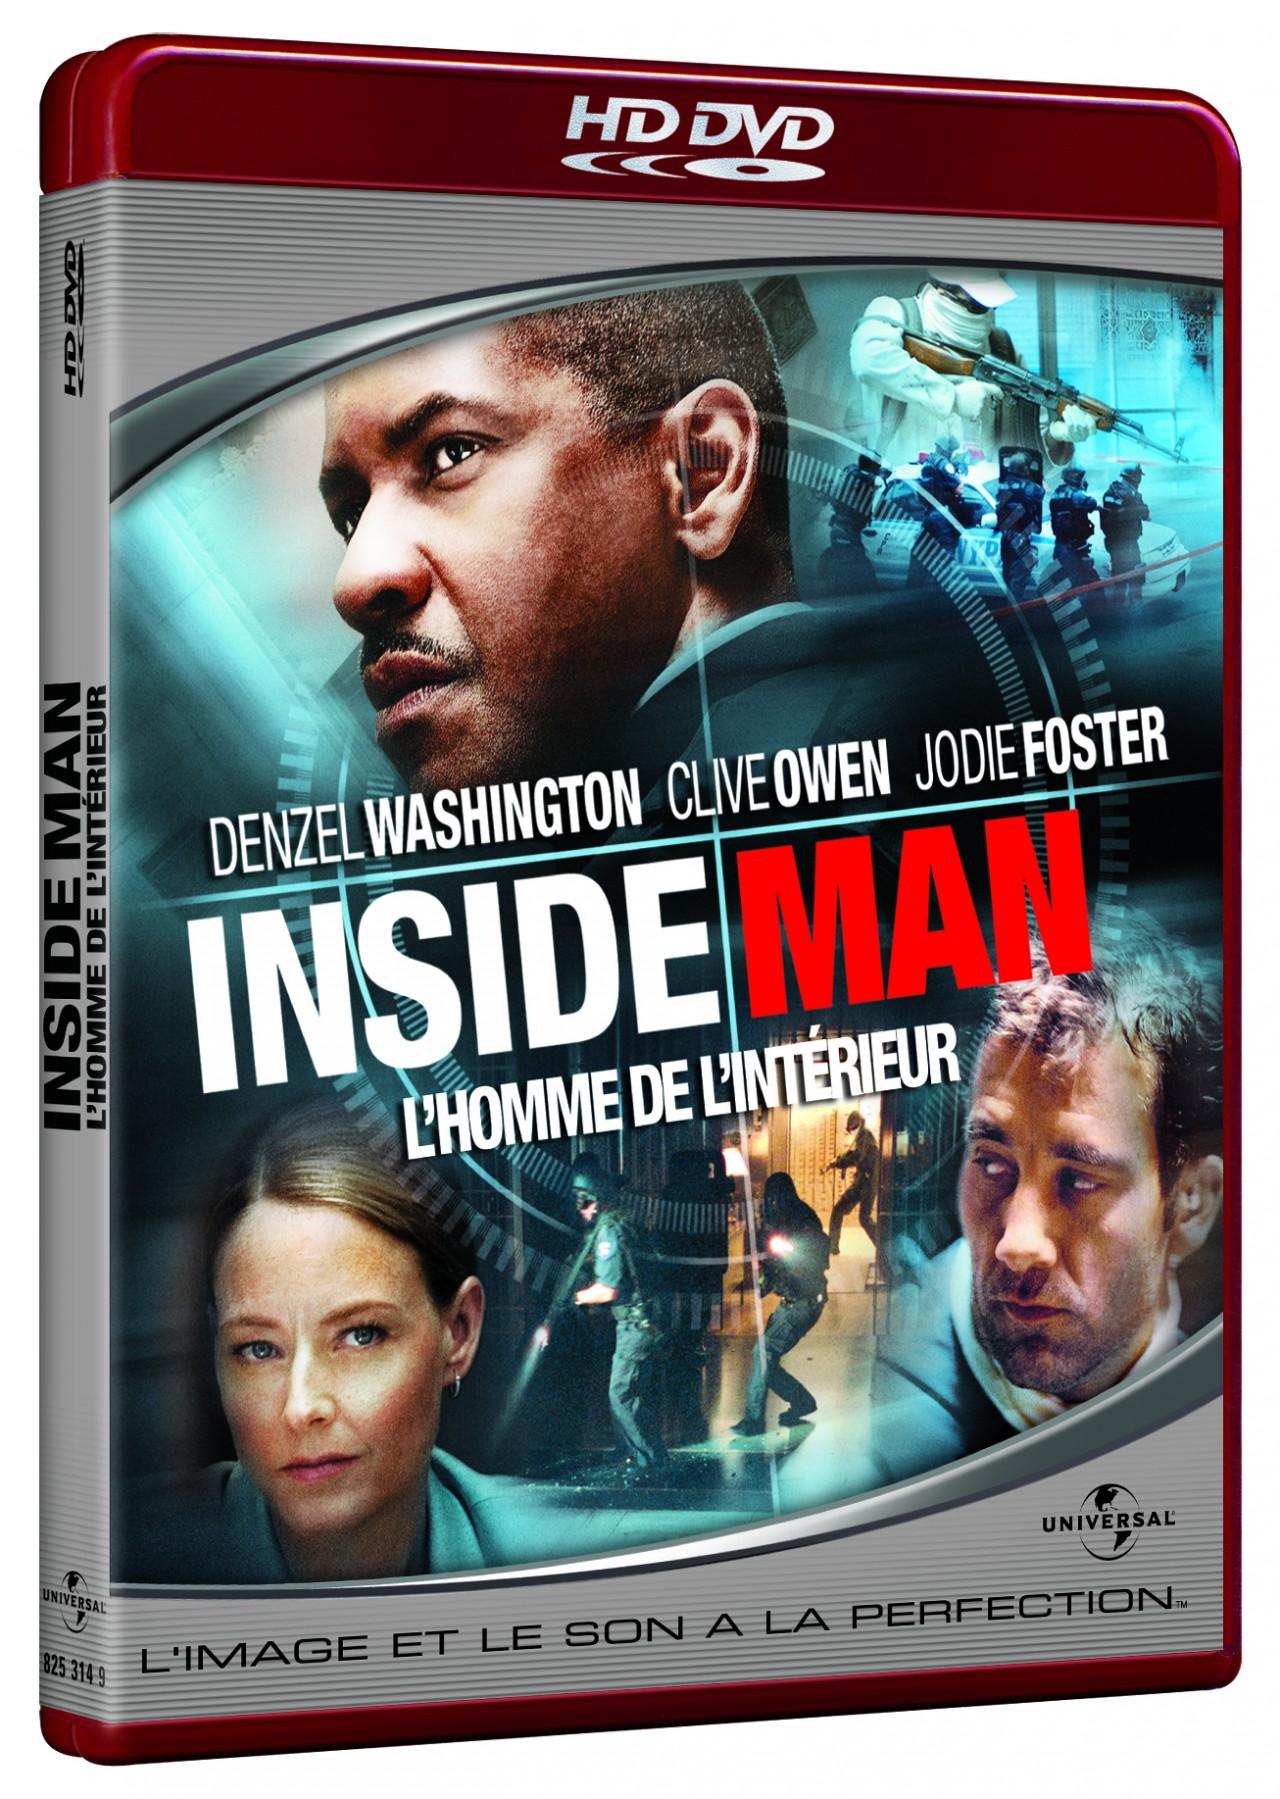 Inside man l 39 homme de l 39 int rieur en dvd blu ray for Inside 2007 dvd